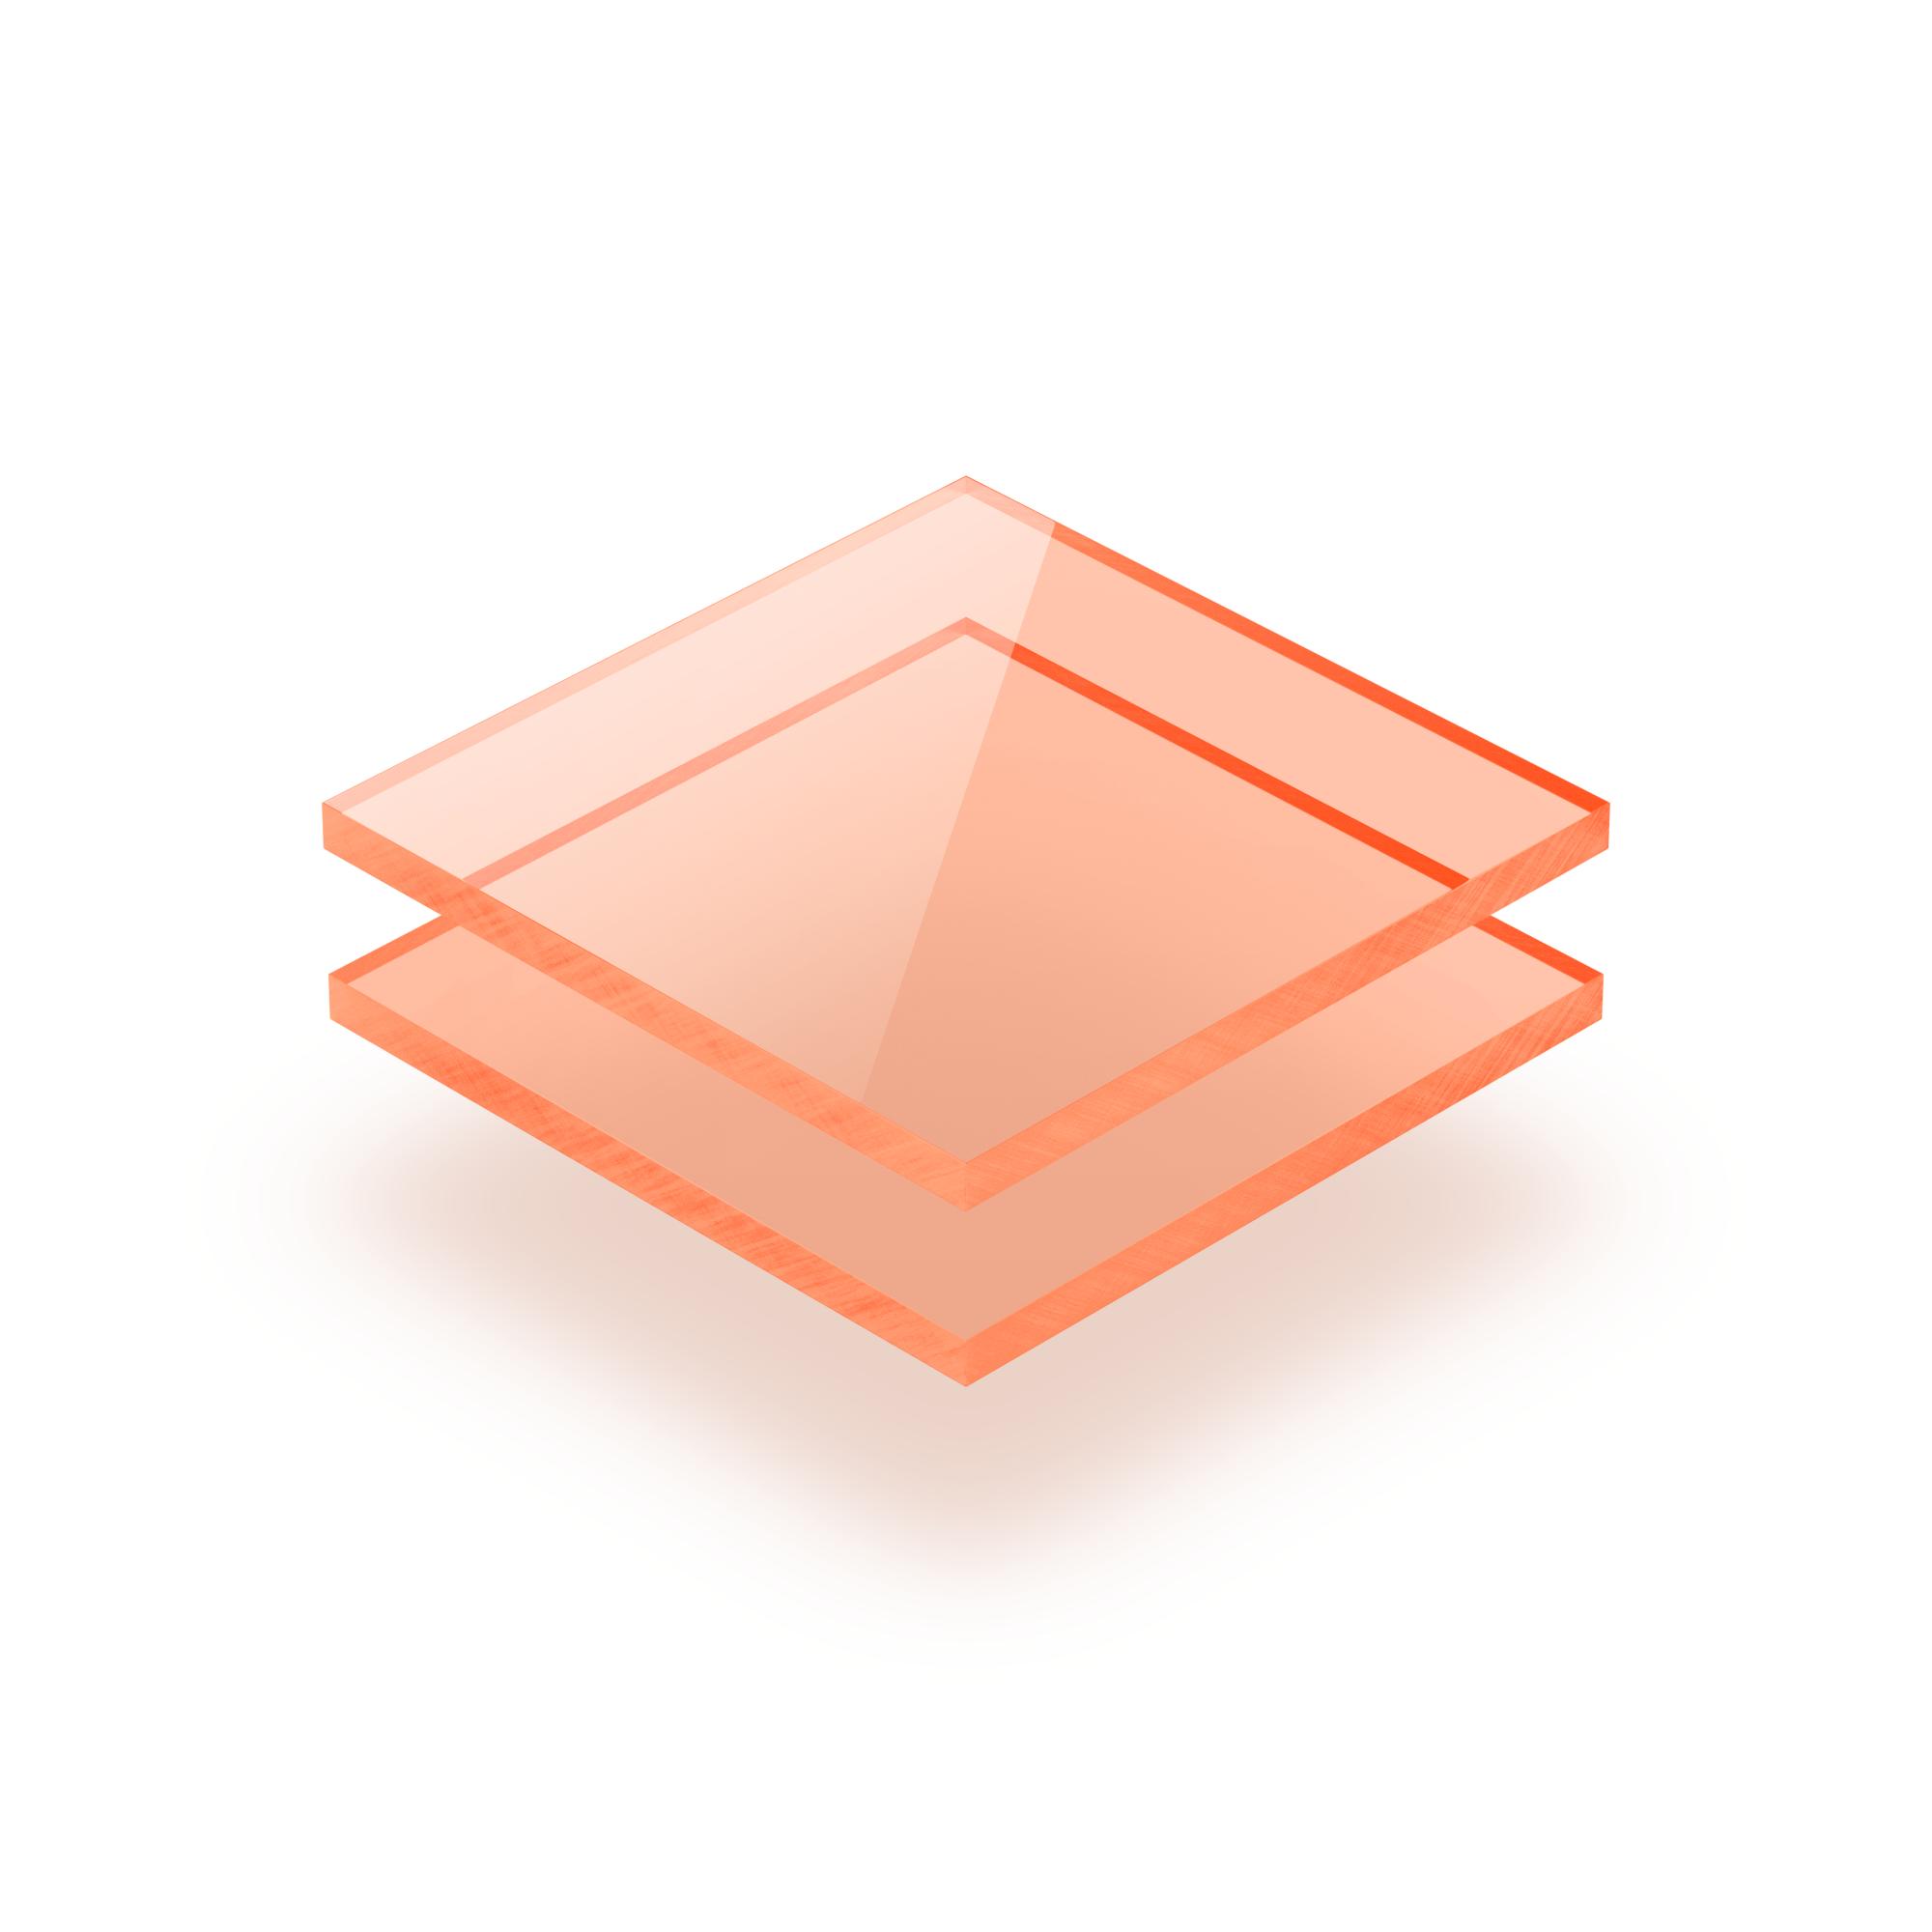 plexiglas plaat fluor oranje 10 mm gratis op maat gezaagd. Black Bedroom Furniture Sets. Home Design Ideas